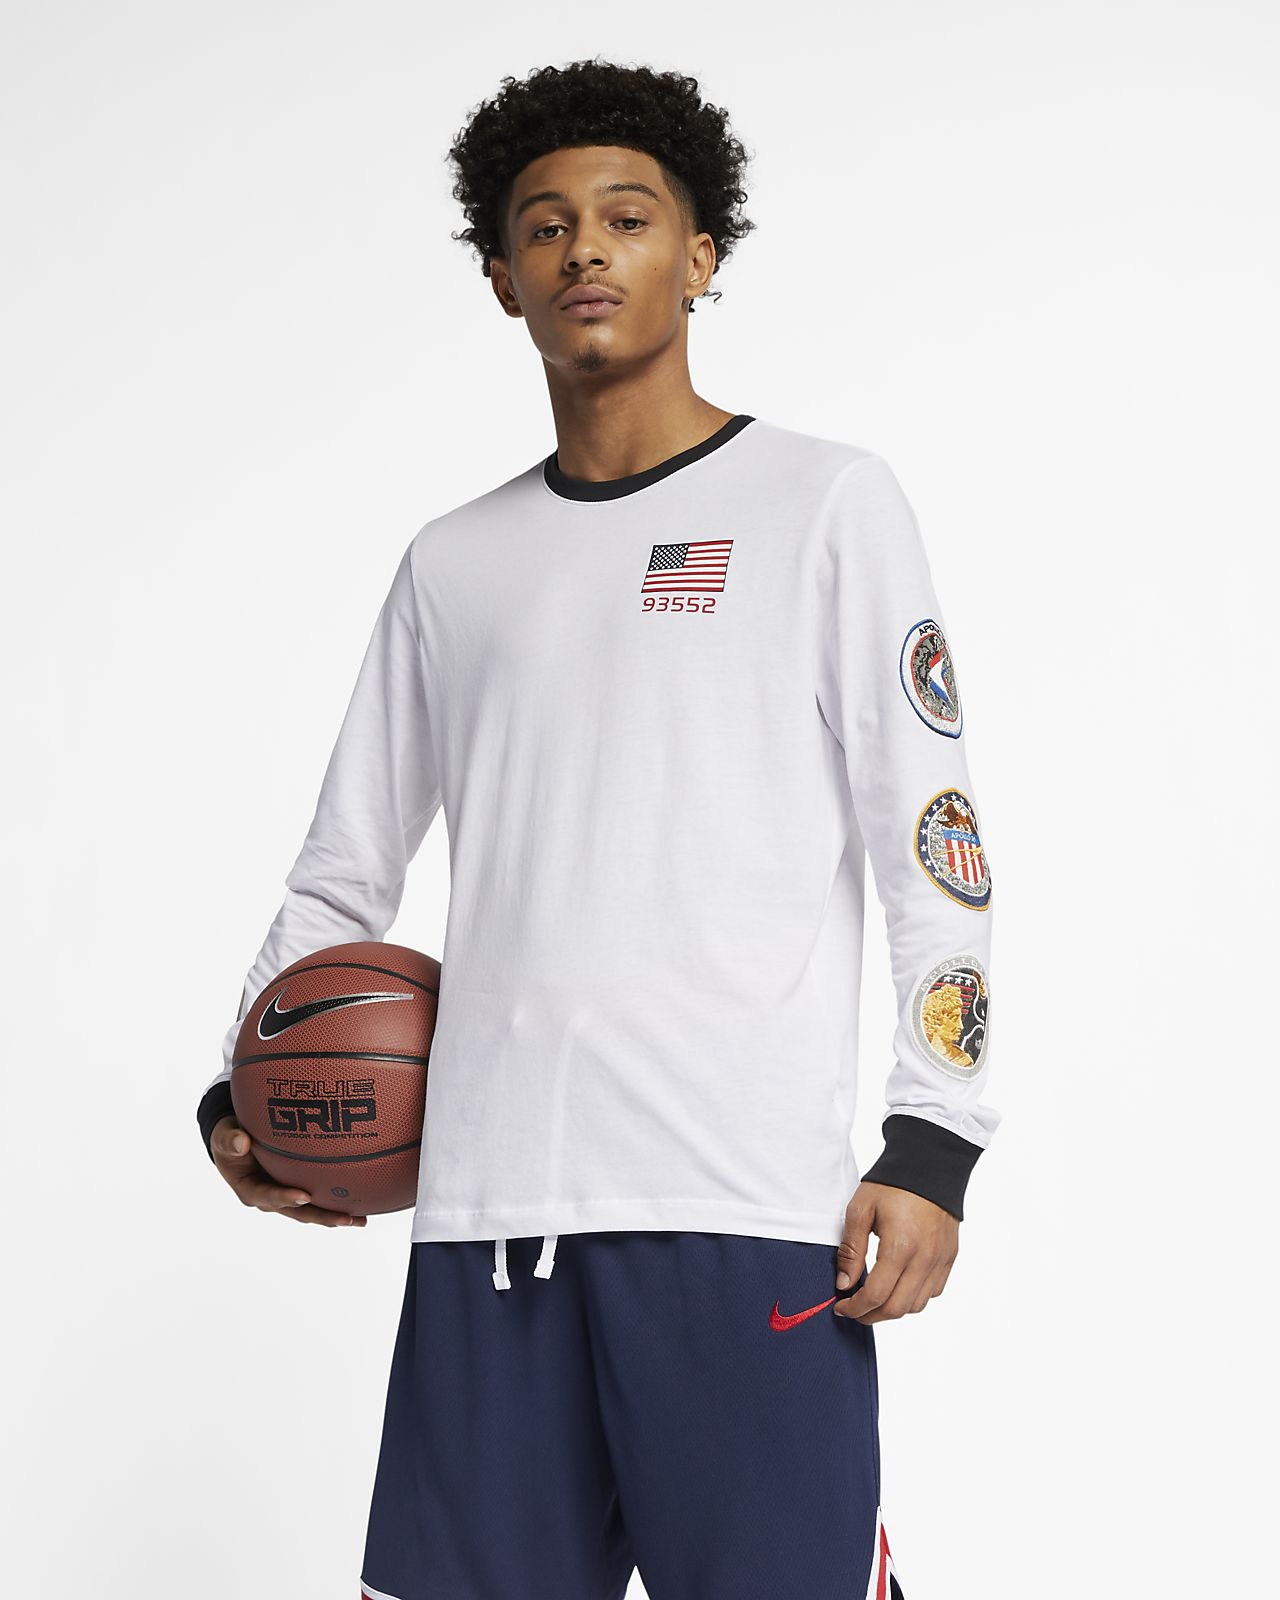 296b9c9ae3 Nike PG NASA Camiseta de baloncesto de manga larga - Hombre. Nike.com ES